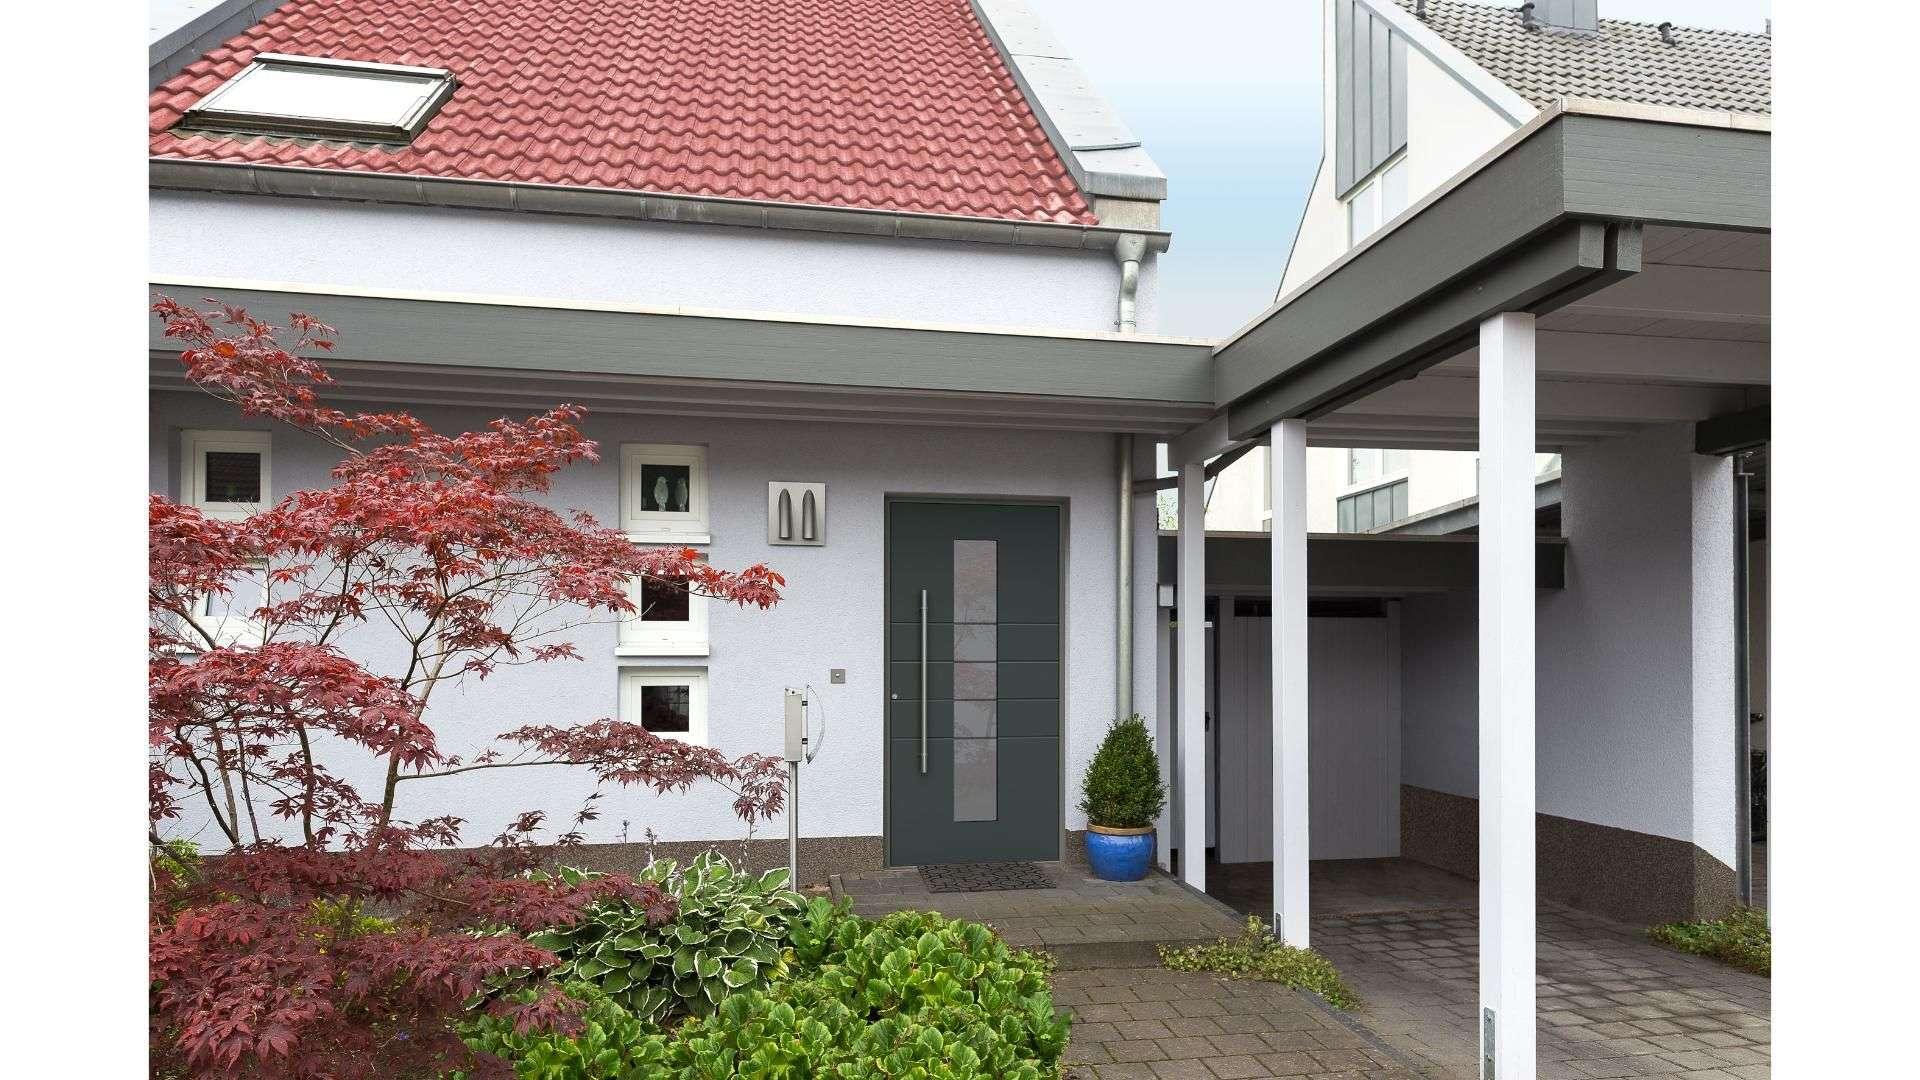 graue Haustür neben einem Carport